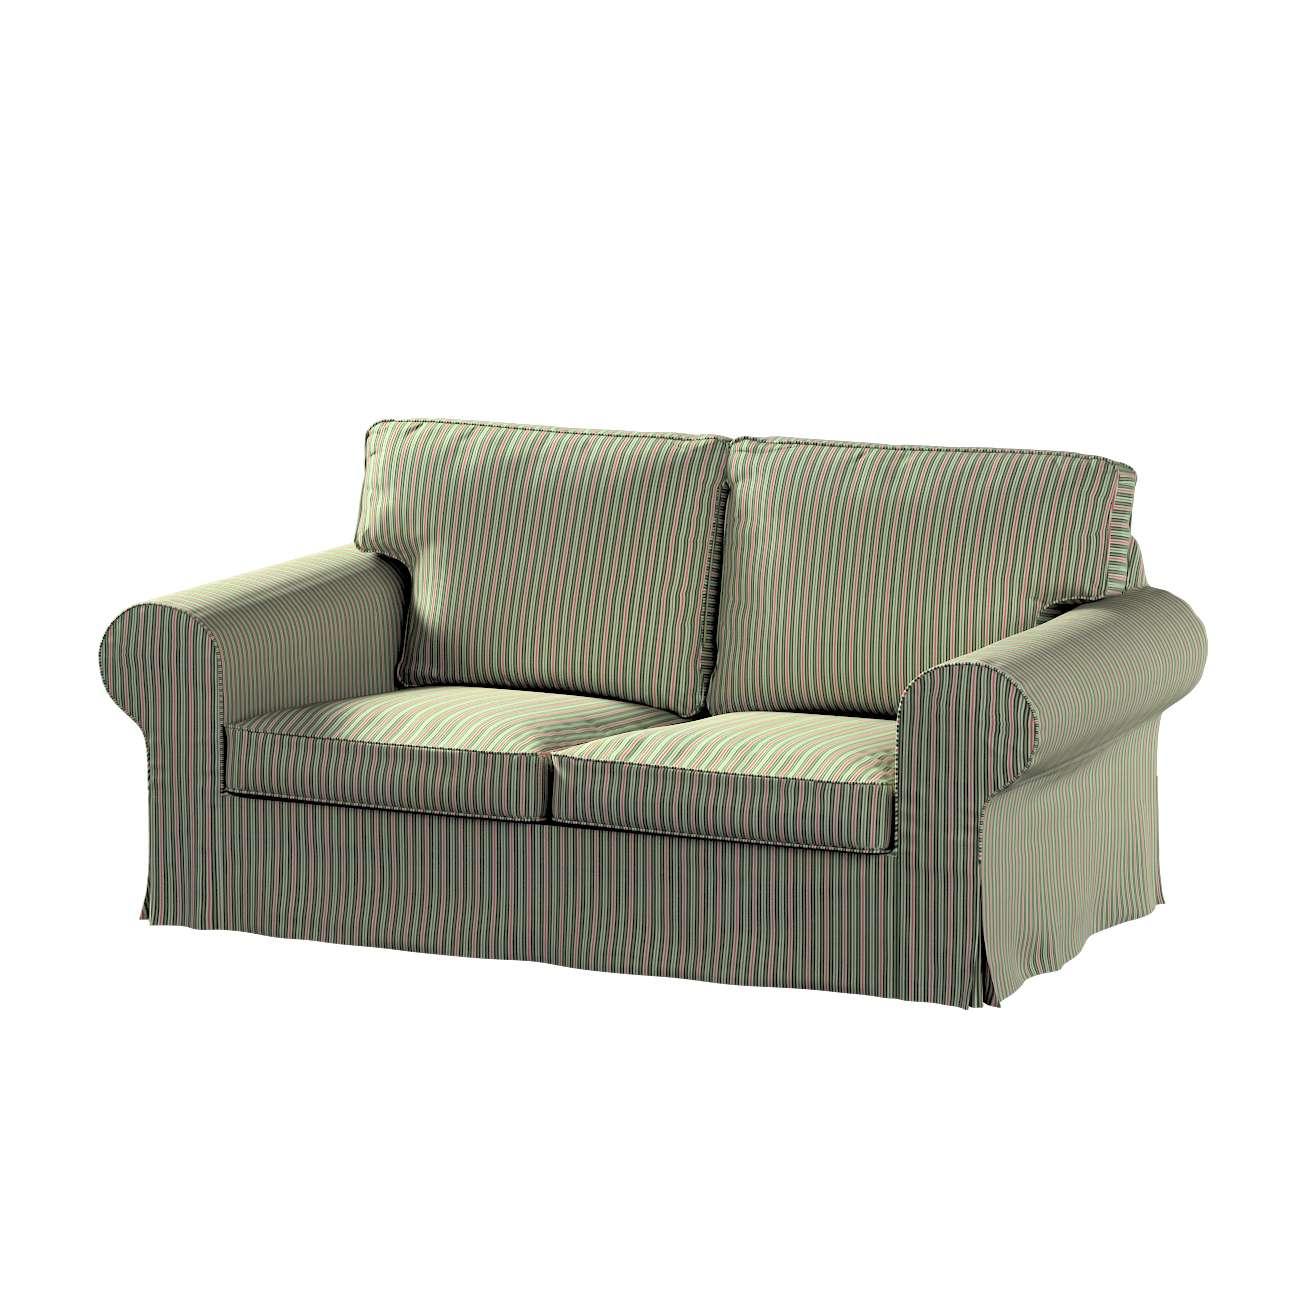 Poťah na sedačku Ektorp (rozkladacia, pre 2 osoby) NOVÝ MODEL 2012 V kolekcii Londres, tkanina: 143-42